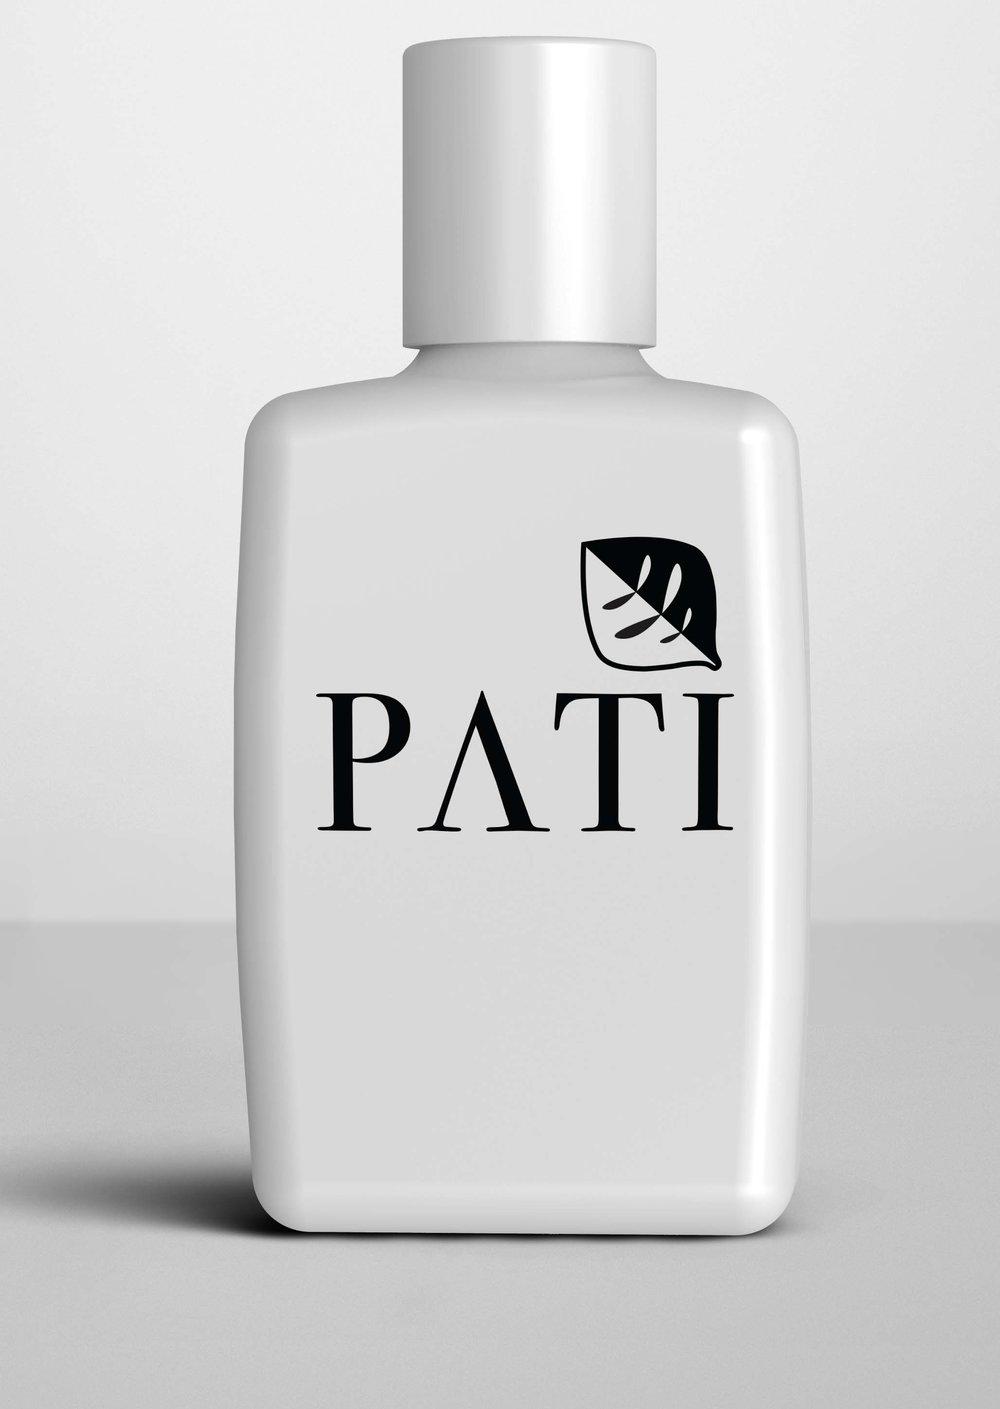 Pati_02_bottle_01.jpg